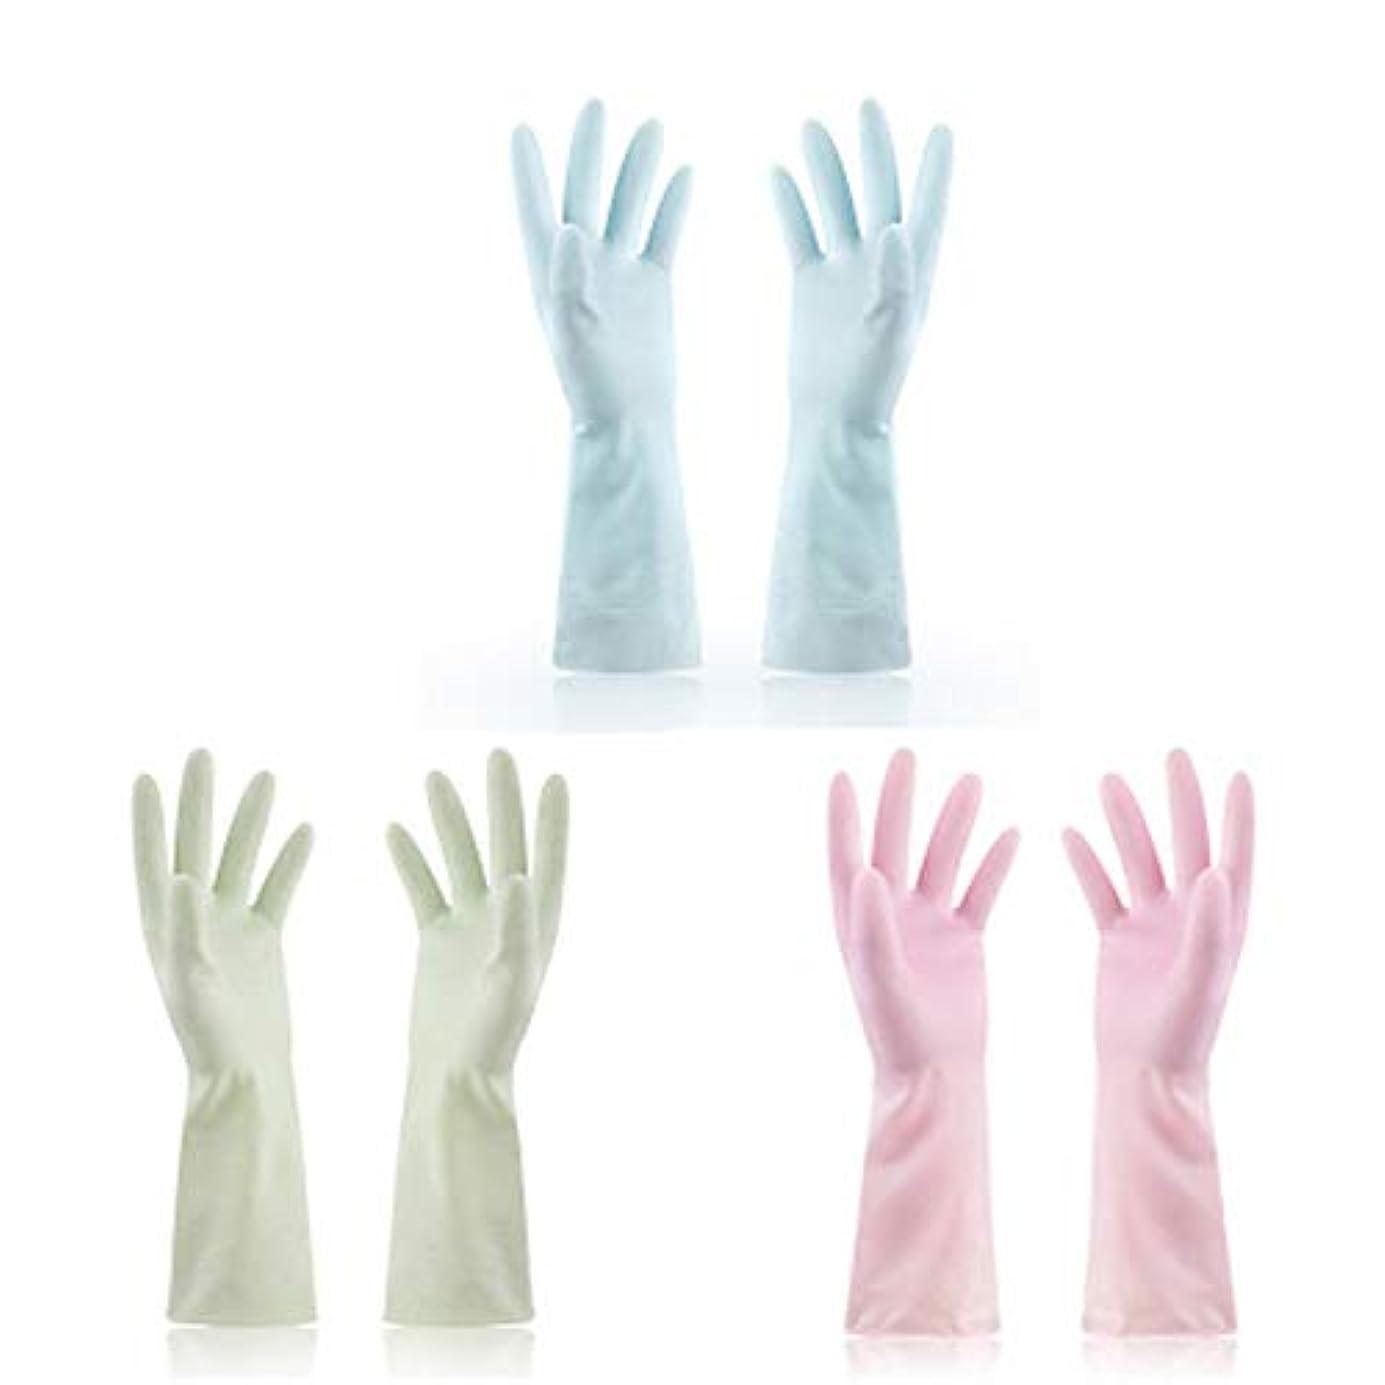 偶然年齢サスペンド使い捨て手袋 使い捨て手袋防水ラテックス焦げ付き防止ゴム製ゴム製台所手袋、3組 ニトリルゴム手袋 (Color : Multi-colored, Size : M)